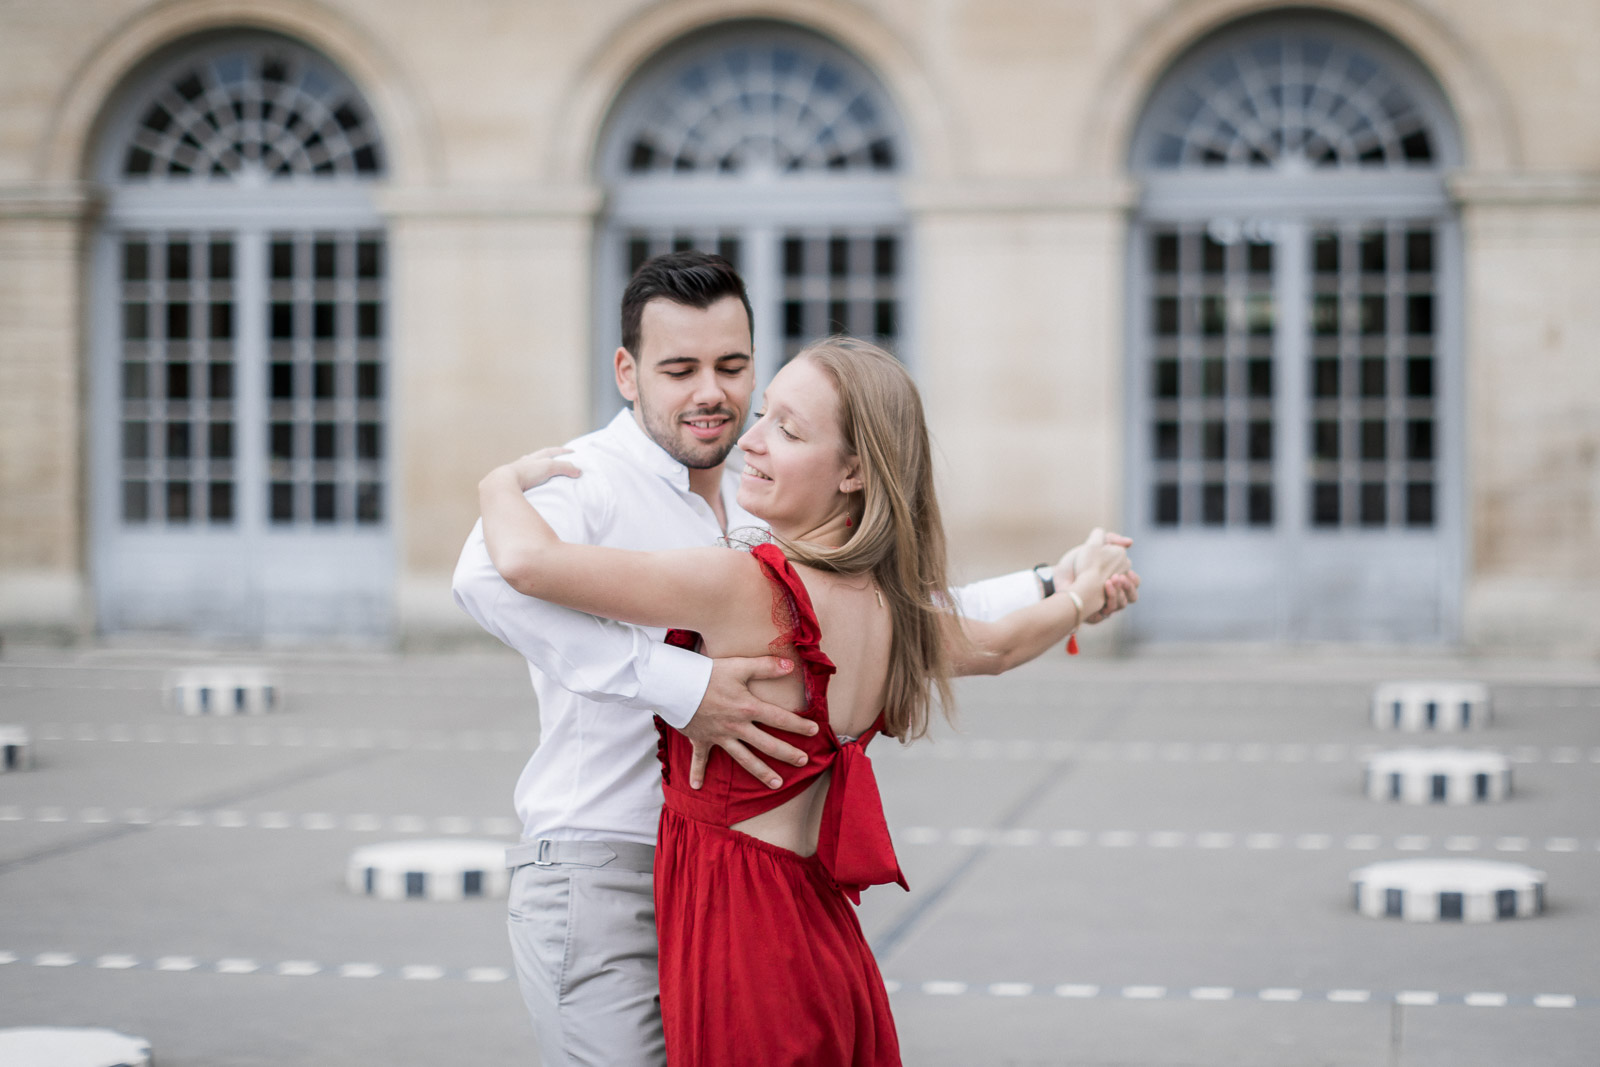 Photo de Mathieu Dété, couple amoureux dansant près des colonnes de Buren